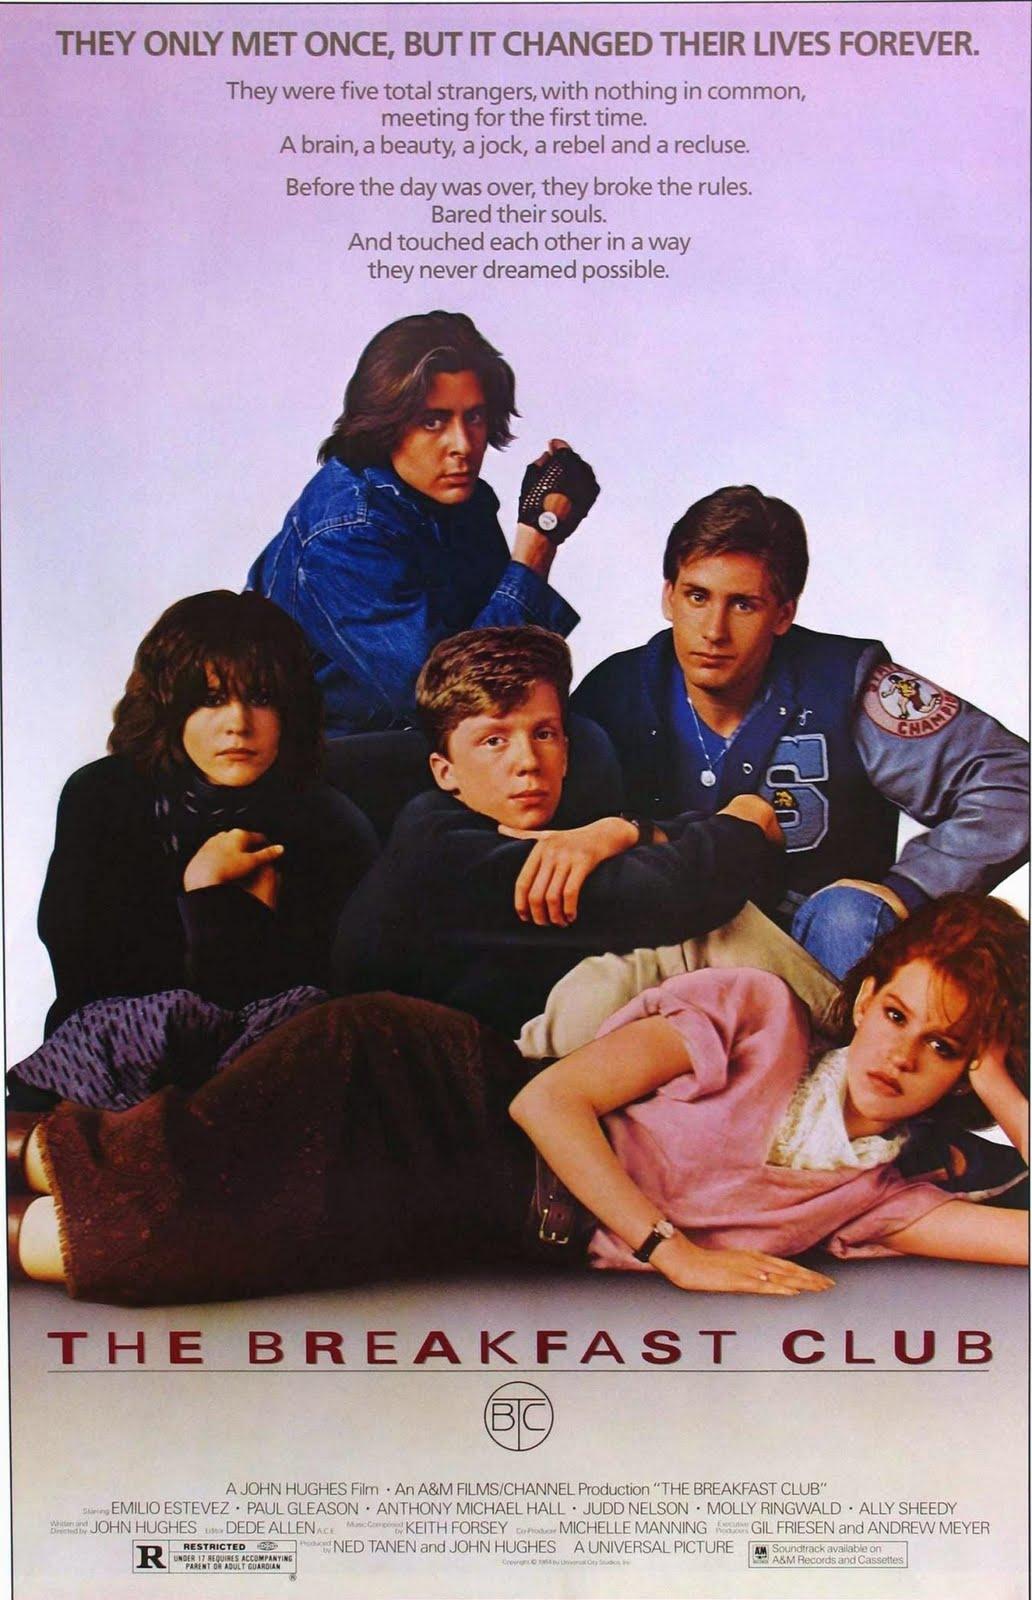 http://3.bp.blogspot.com/_C_GlcM6QOpI/S--Mo2HC0qI/AAAAAAAABaA/EfolaV-HykM/s1600/the-breakfast-club-1985-hughes.jpg